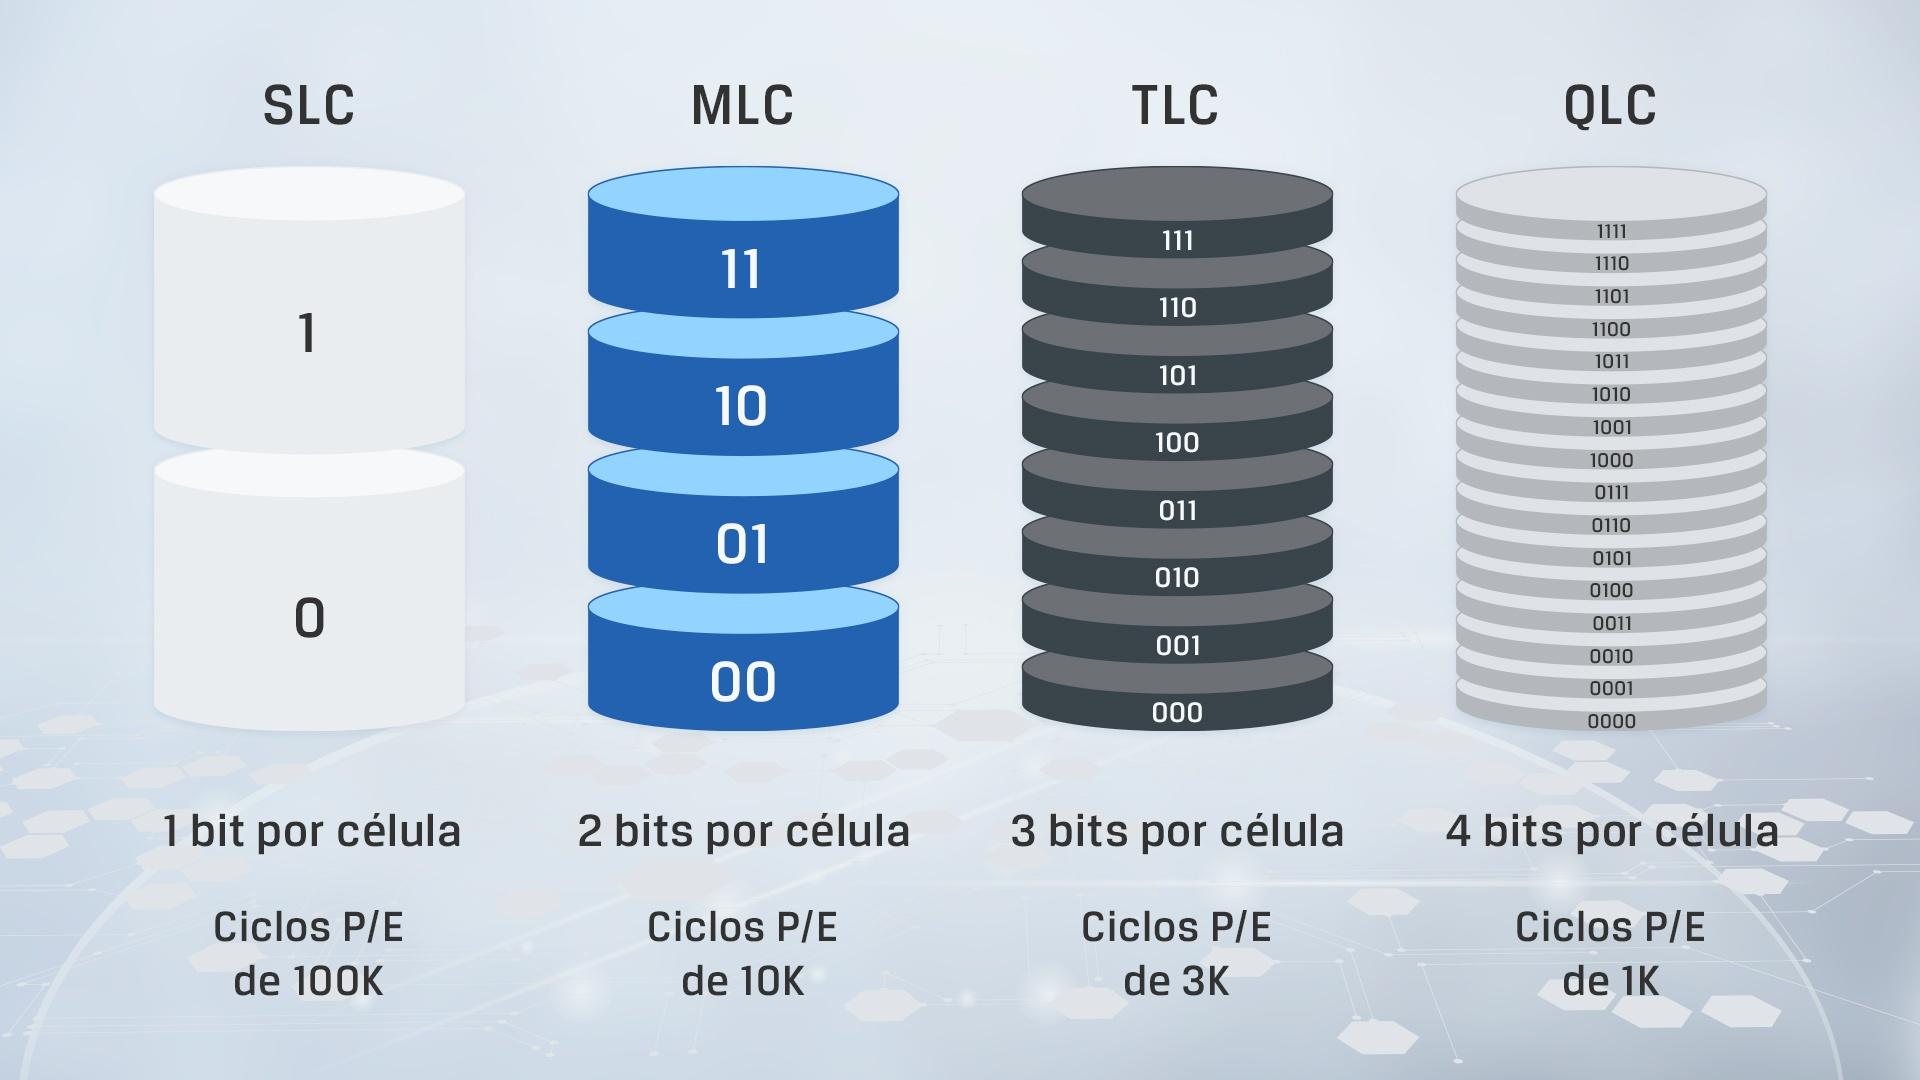 um infográfico mostrando as principais diferenças entre os diferentes tipos de NAND